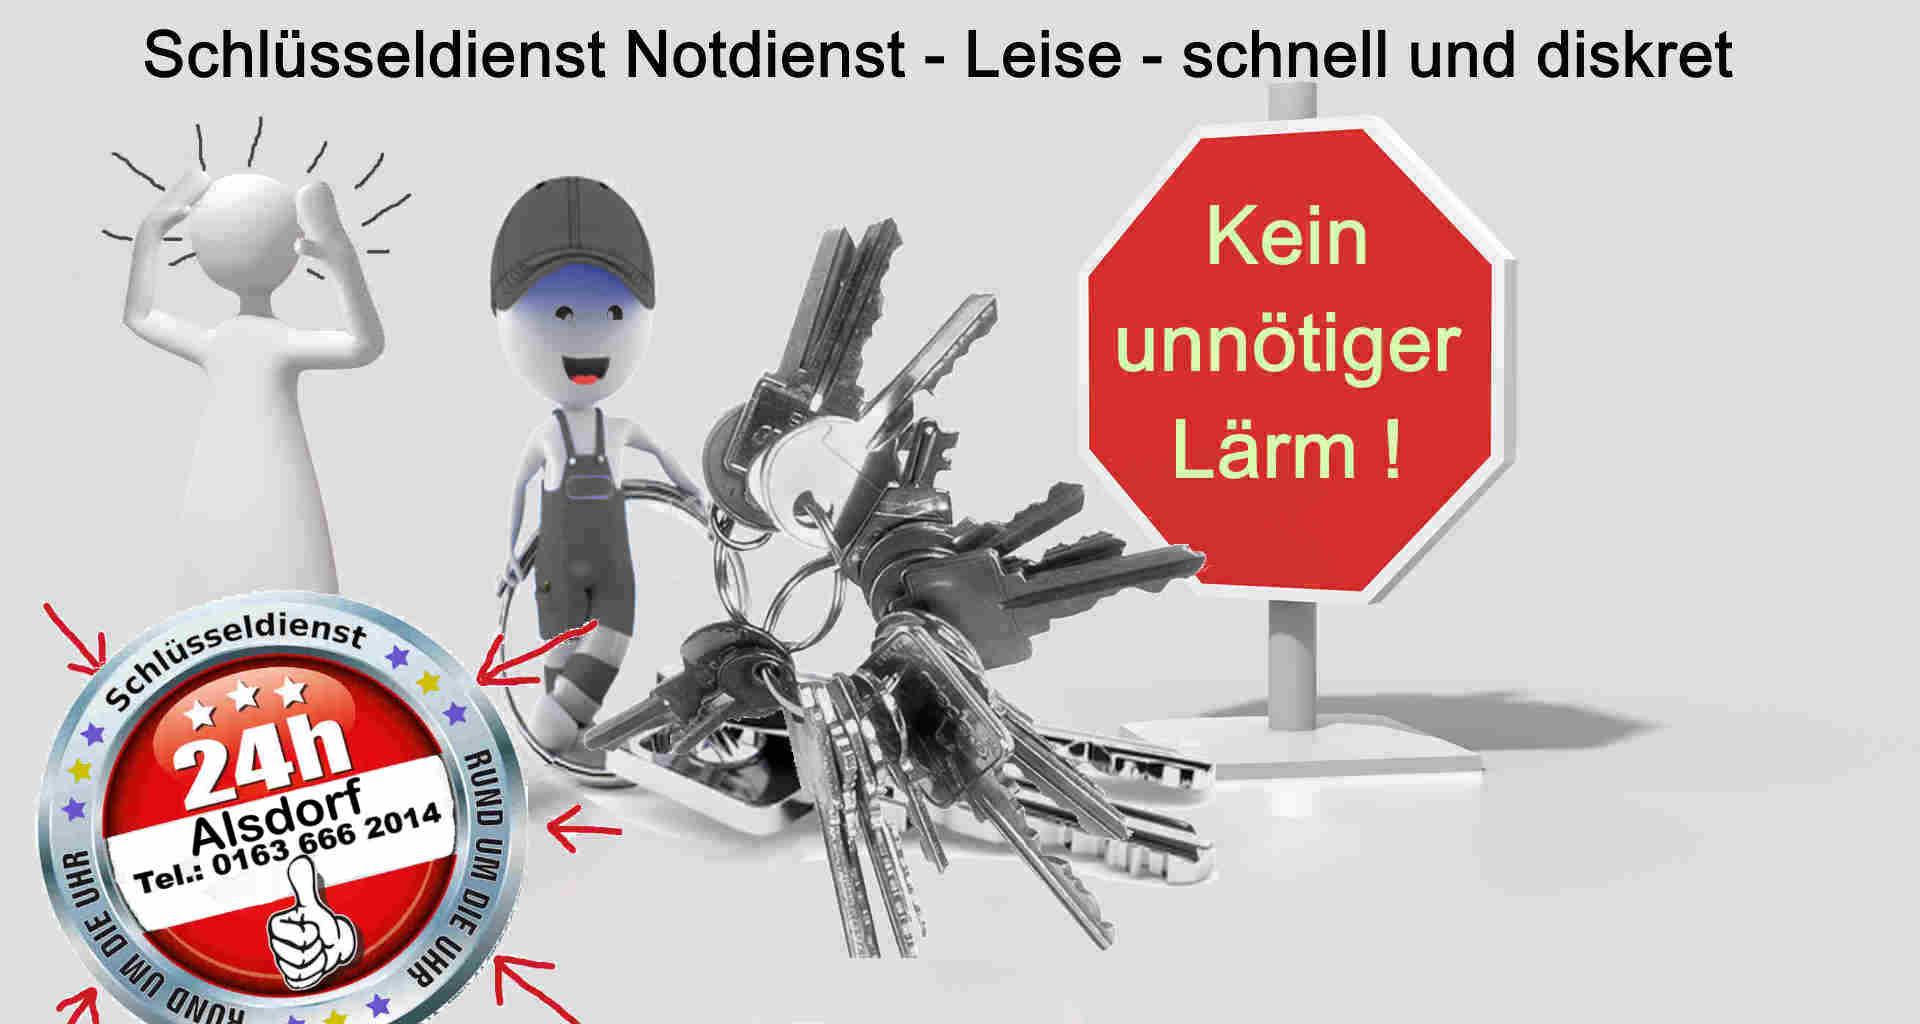 Schlüsseldienst Alsdorf - Leise und Diskret